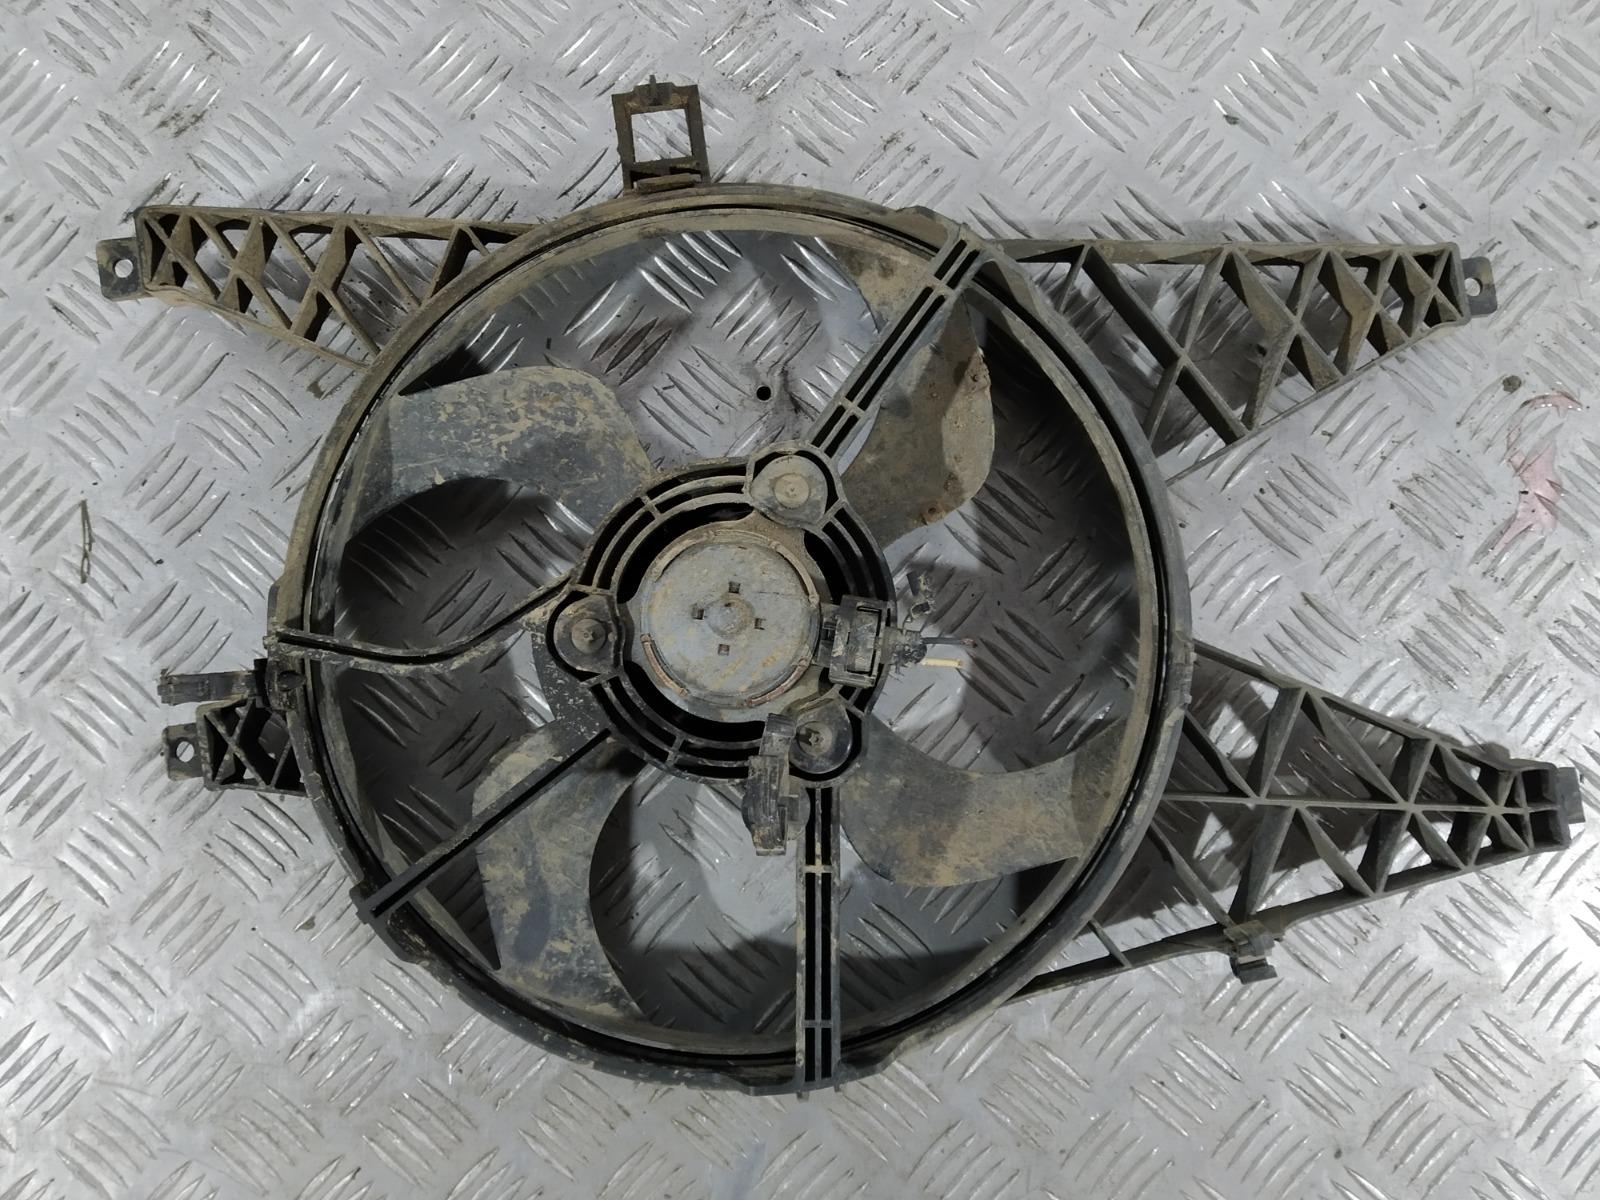 Вентилятор радиатора Renault Twingo 1.2 I 2009 (б/у)